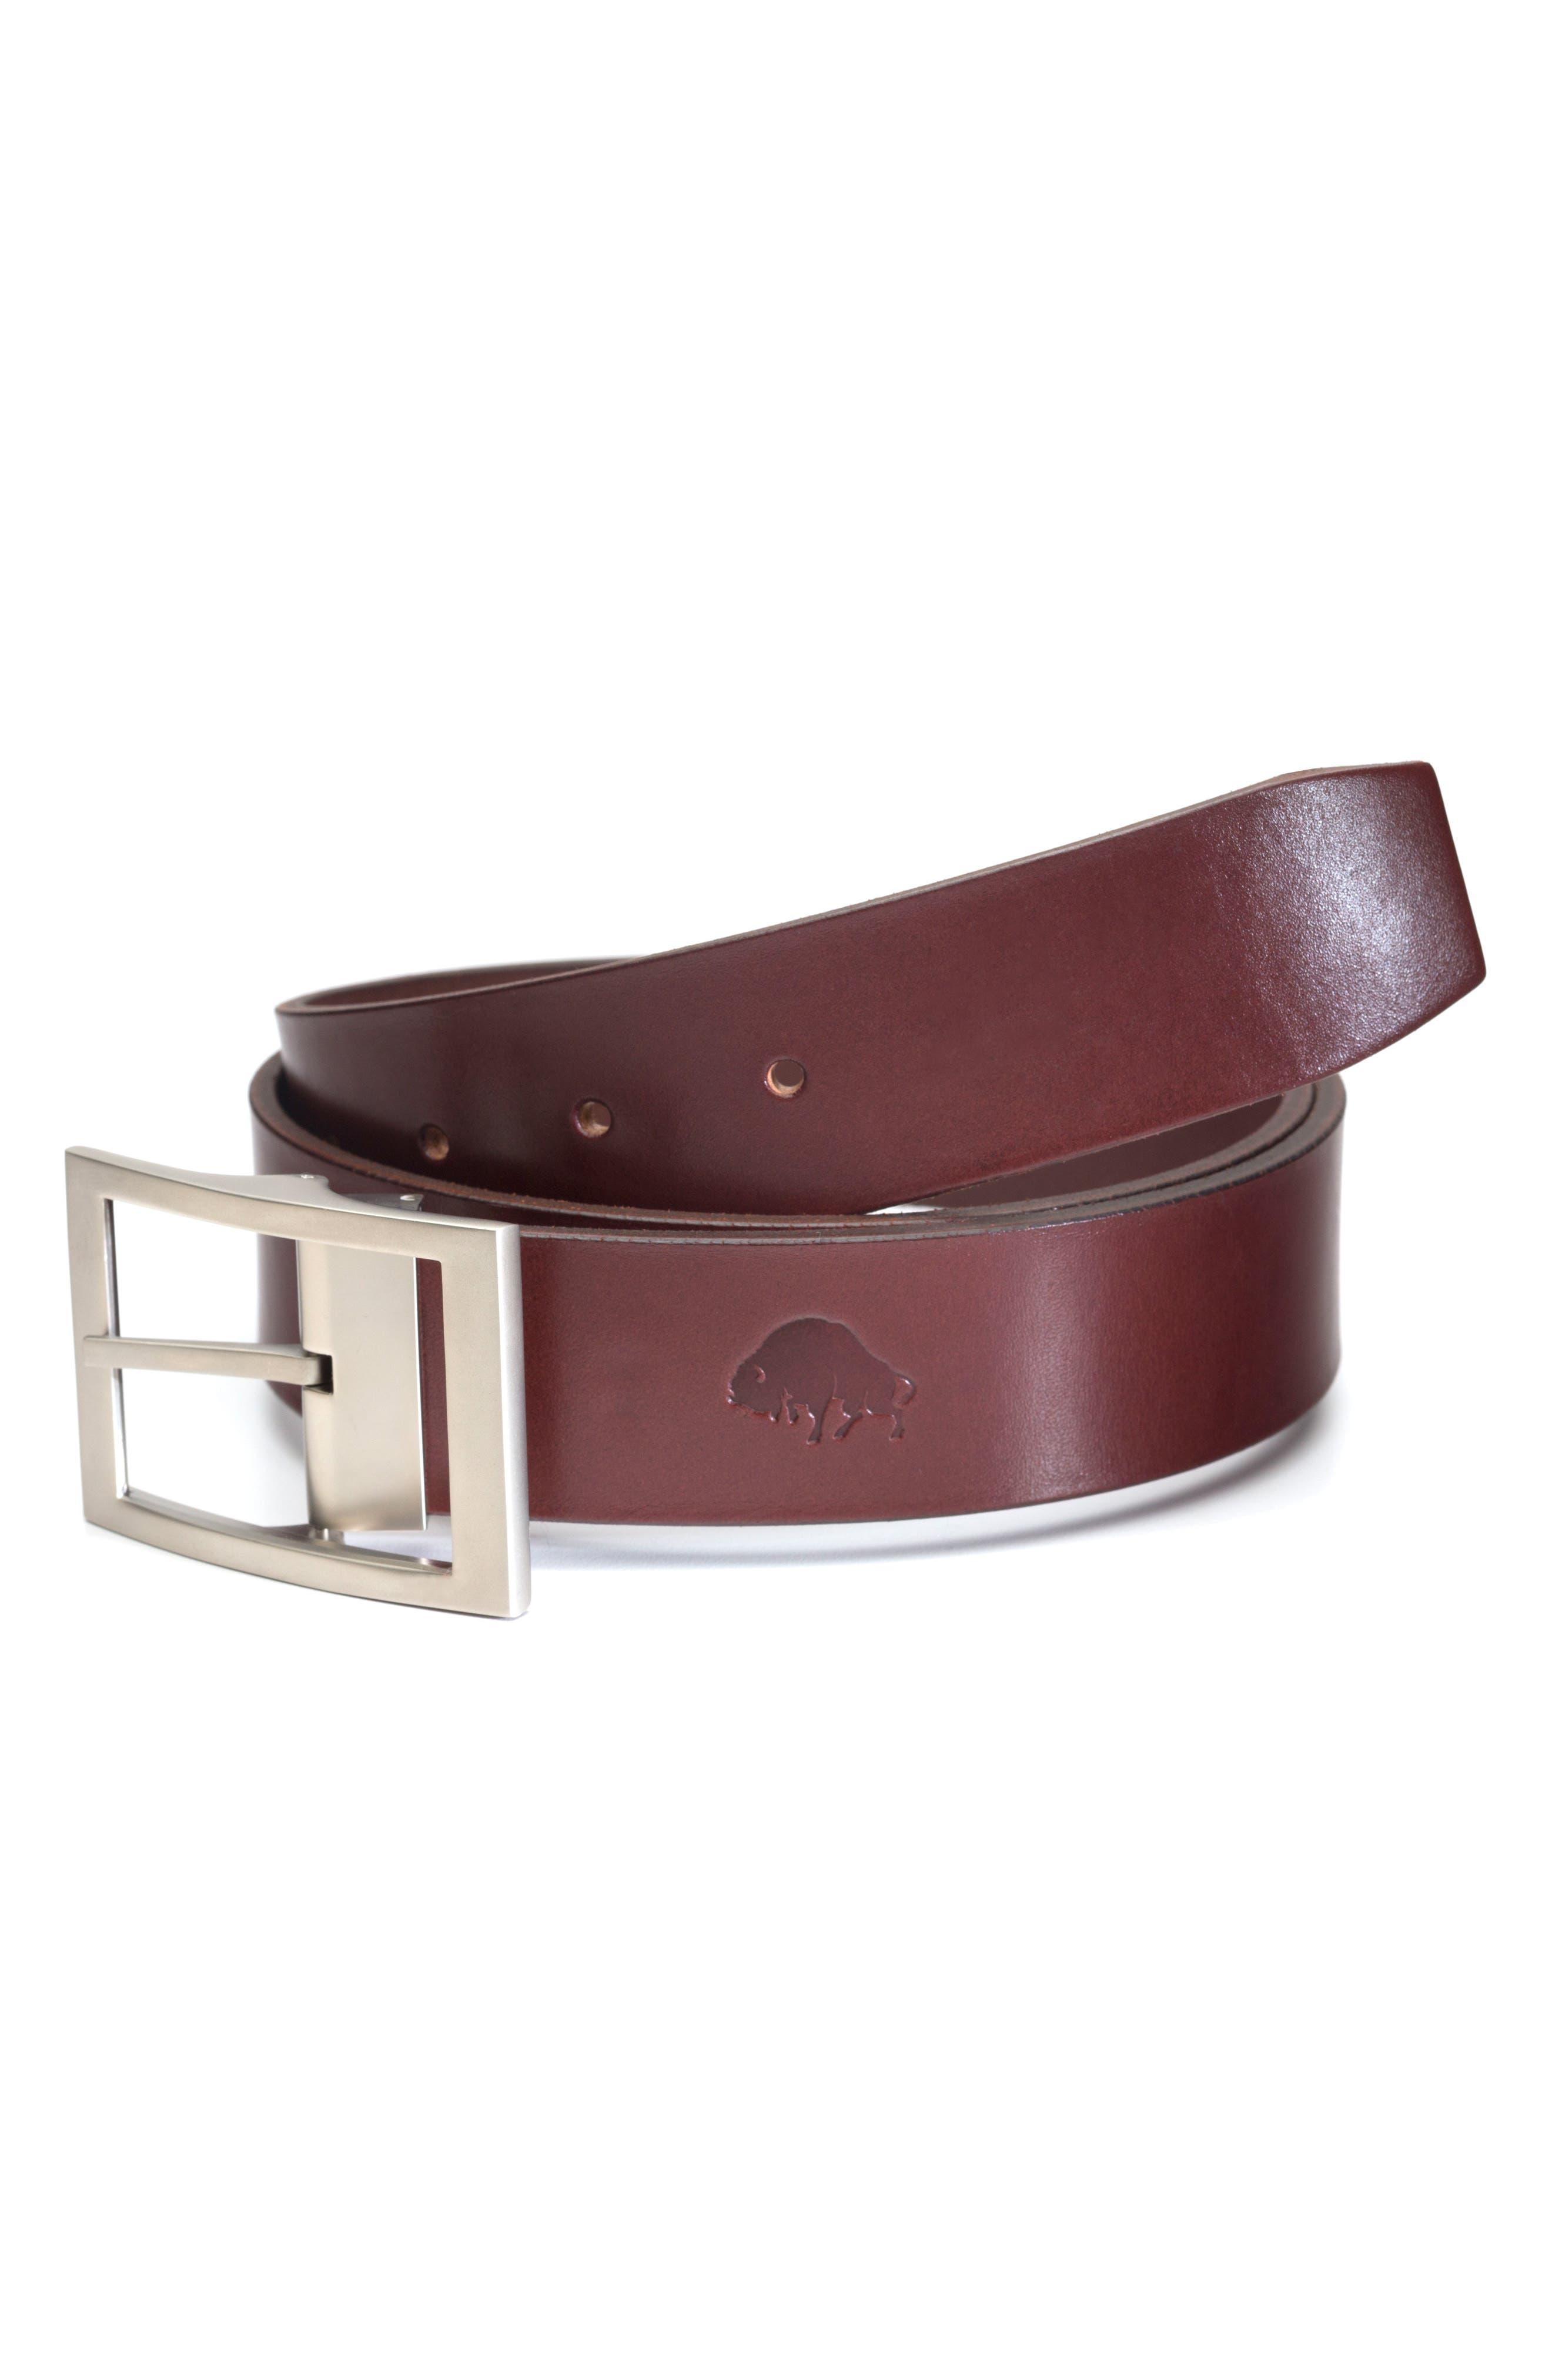 Ezra Arthur No. 2 Leather Belt